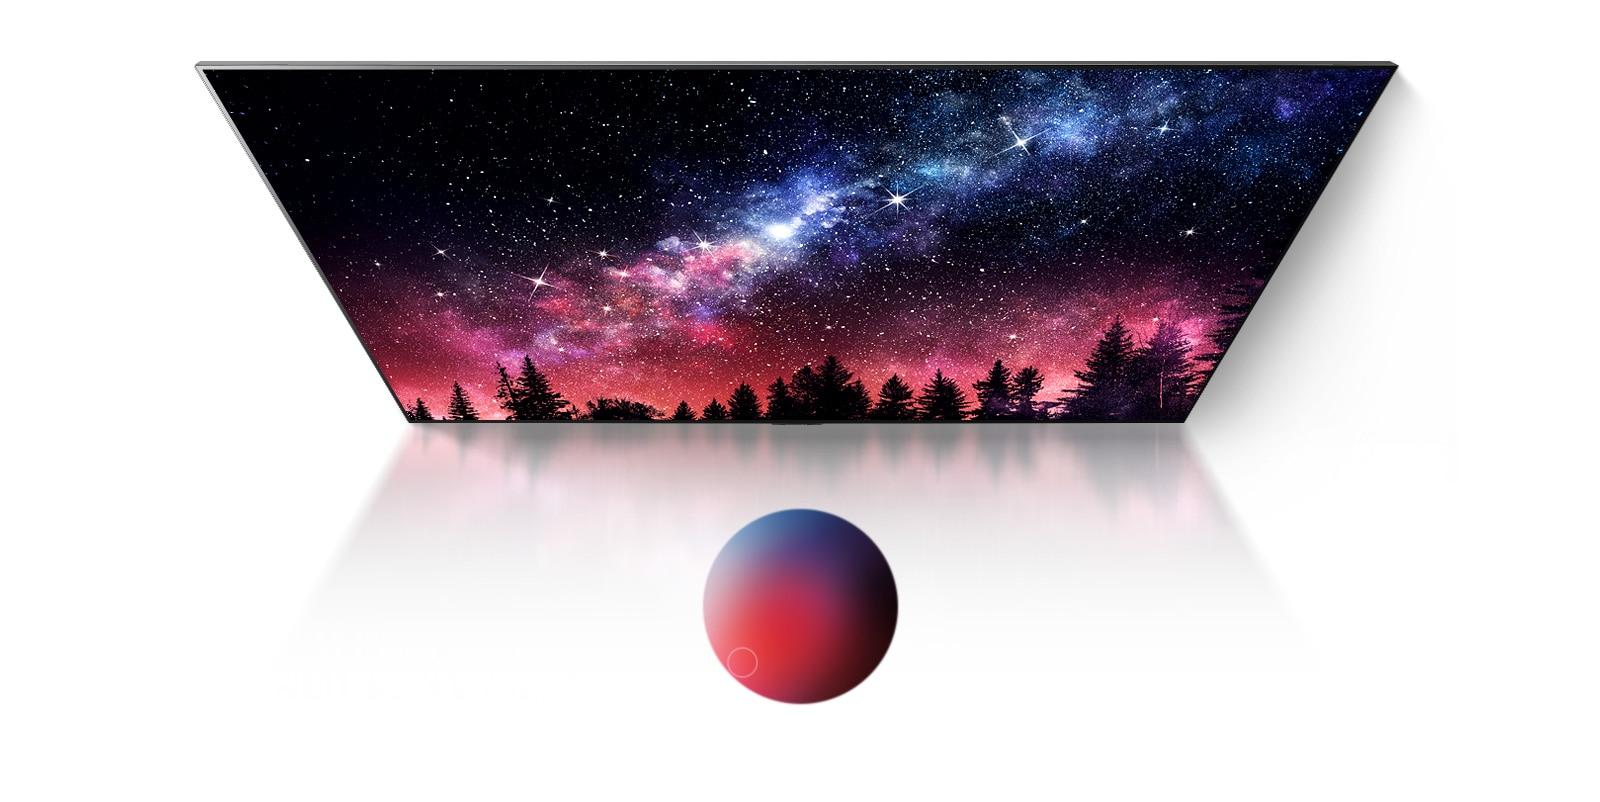 TV zaslon na kojem je prikazan mliječni put, plavo nebo i eksplozija šarene prašine u visokoj kvaliteti (reproduciraj videozapis)